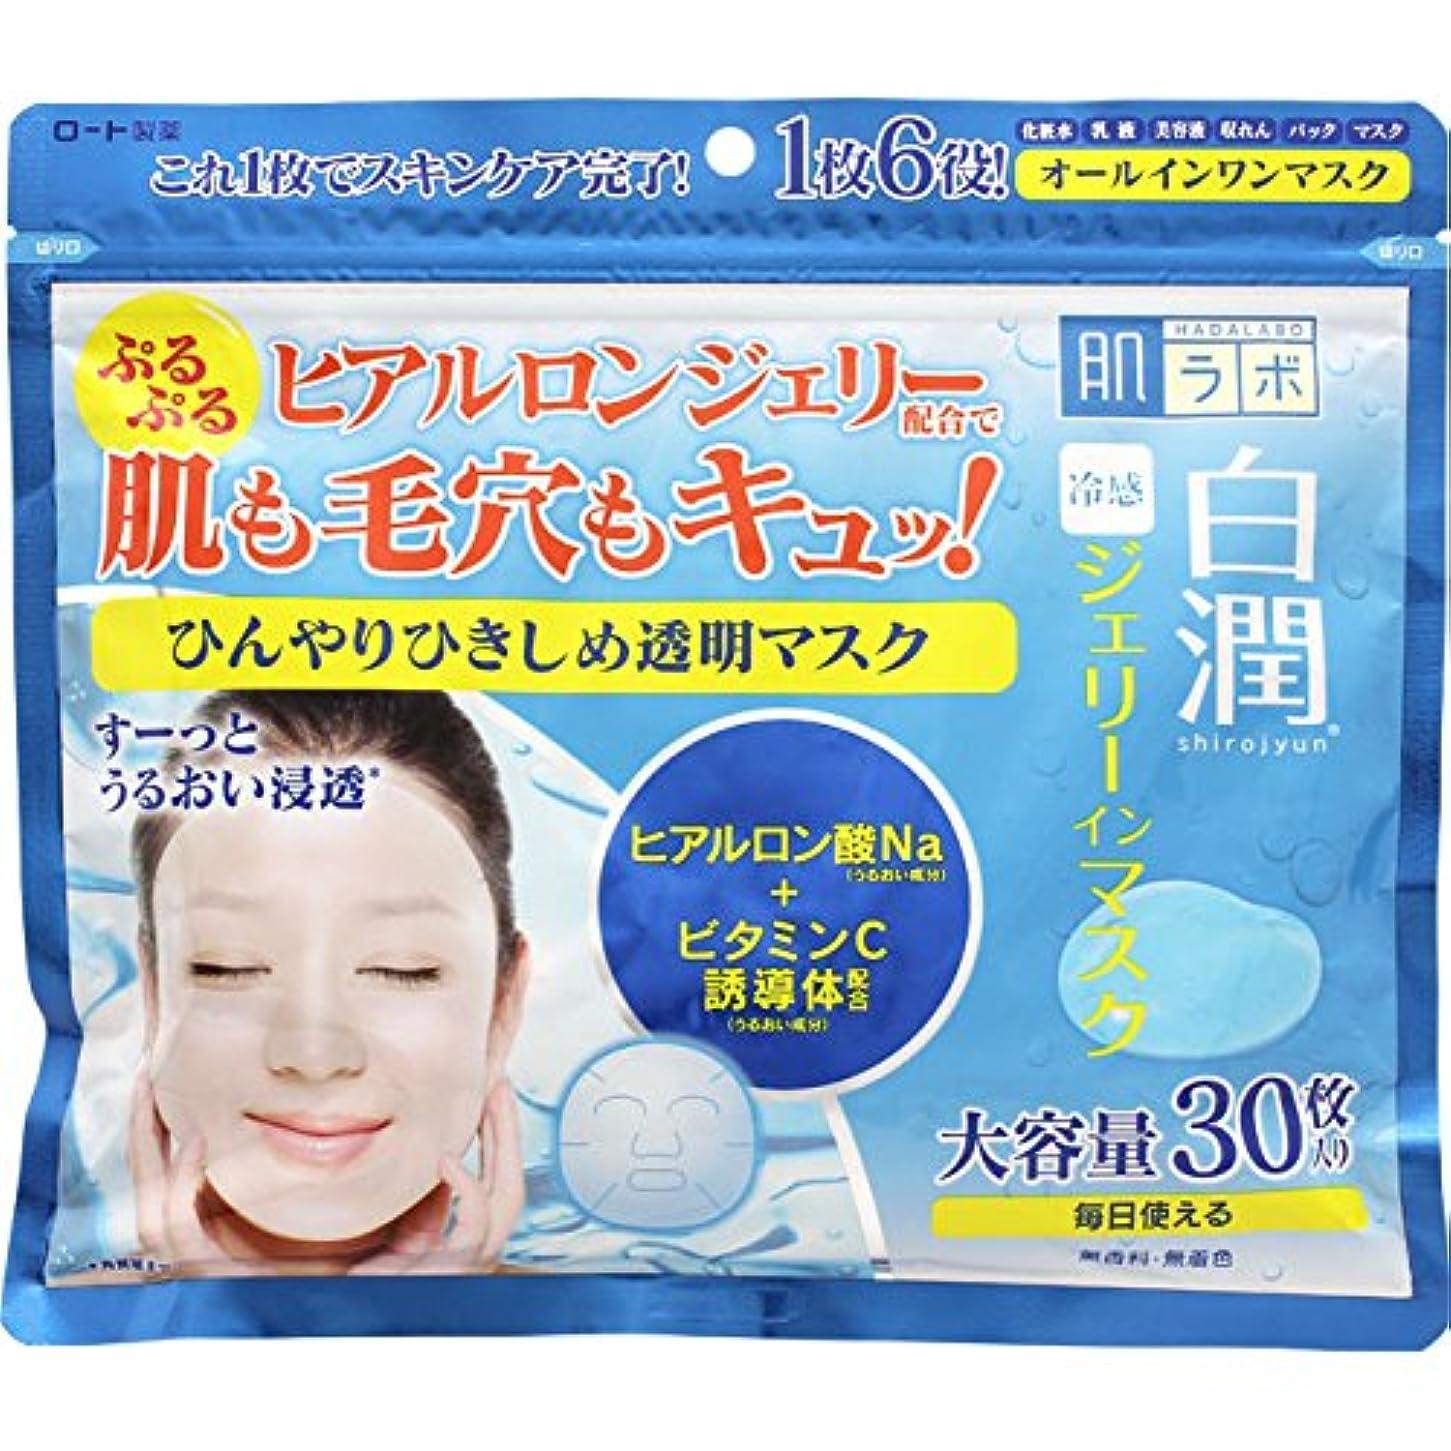 微妙古くなったサイバースペース肌ラボ 白潤 冷感ジェリーインマスク 化粧水?乳液?美容液?収れん?パック?マスクの1枚6役 大容量30枚